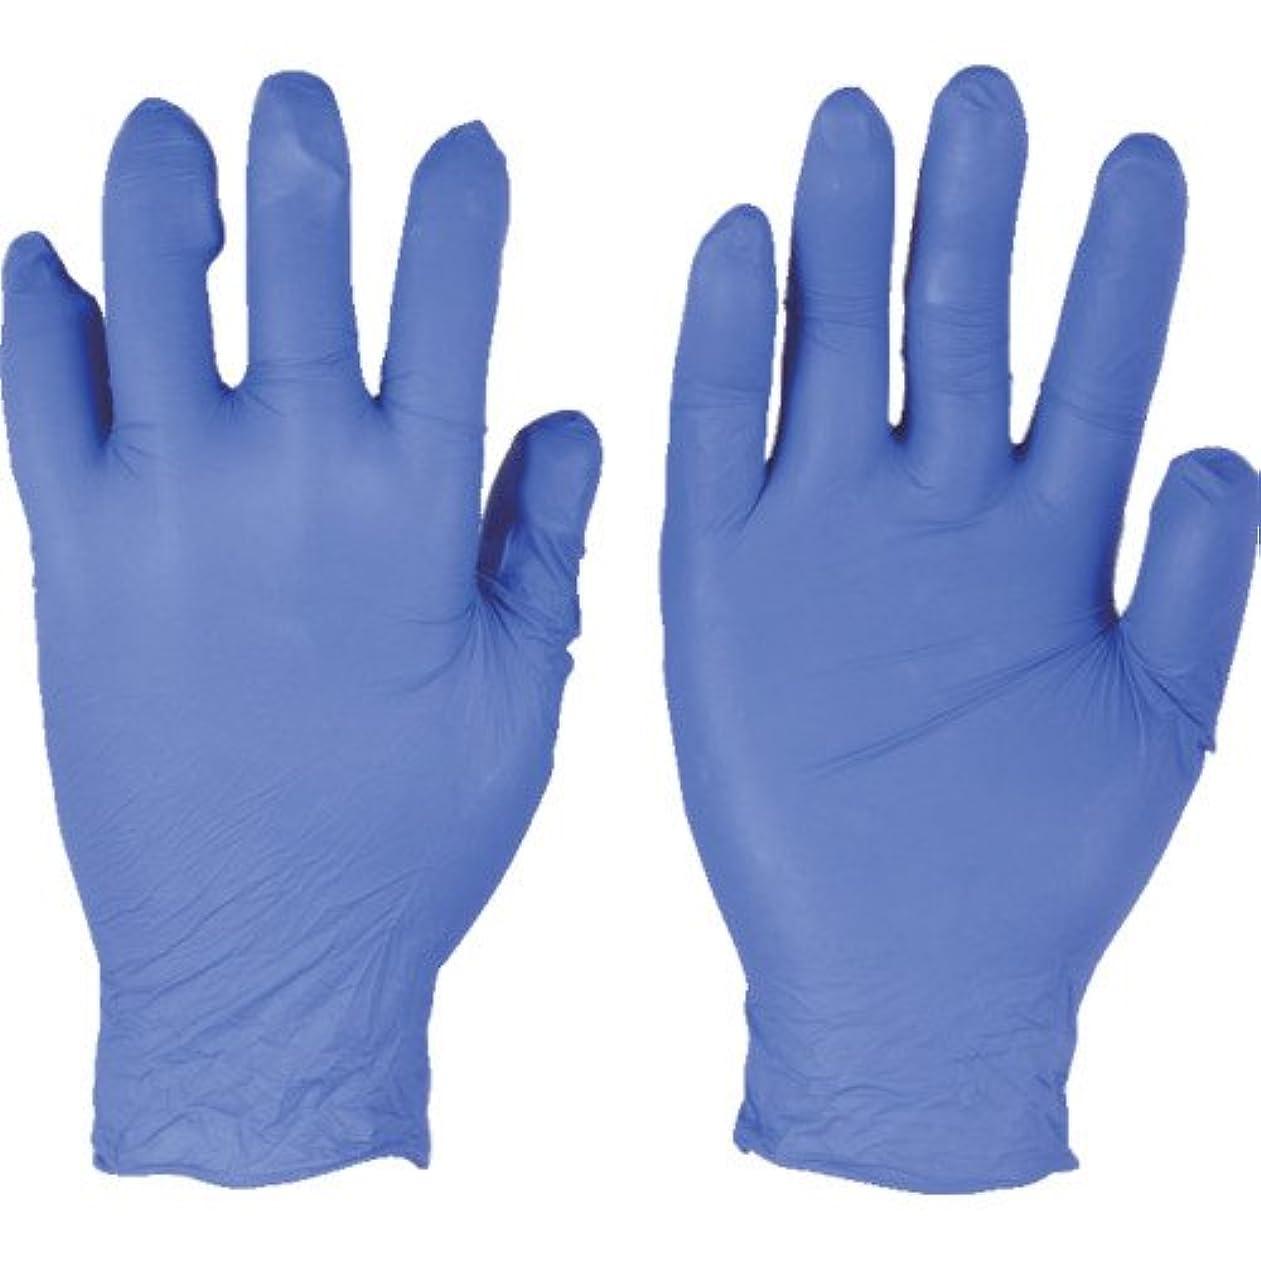 ミンチ投げるフラップトラスコ中山 アンセル ニトリルゴム使い捨て手袋 エッジ 82-133 Sサイズ(300枚入り)  (300枚入) 821337